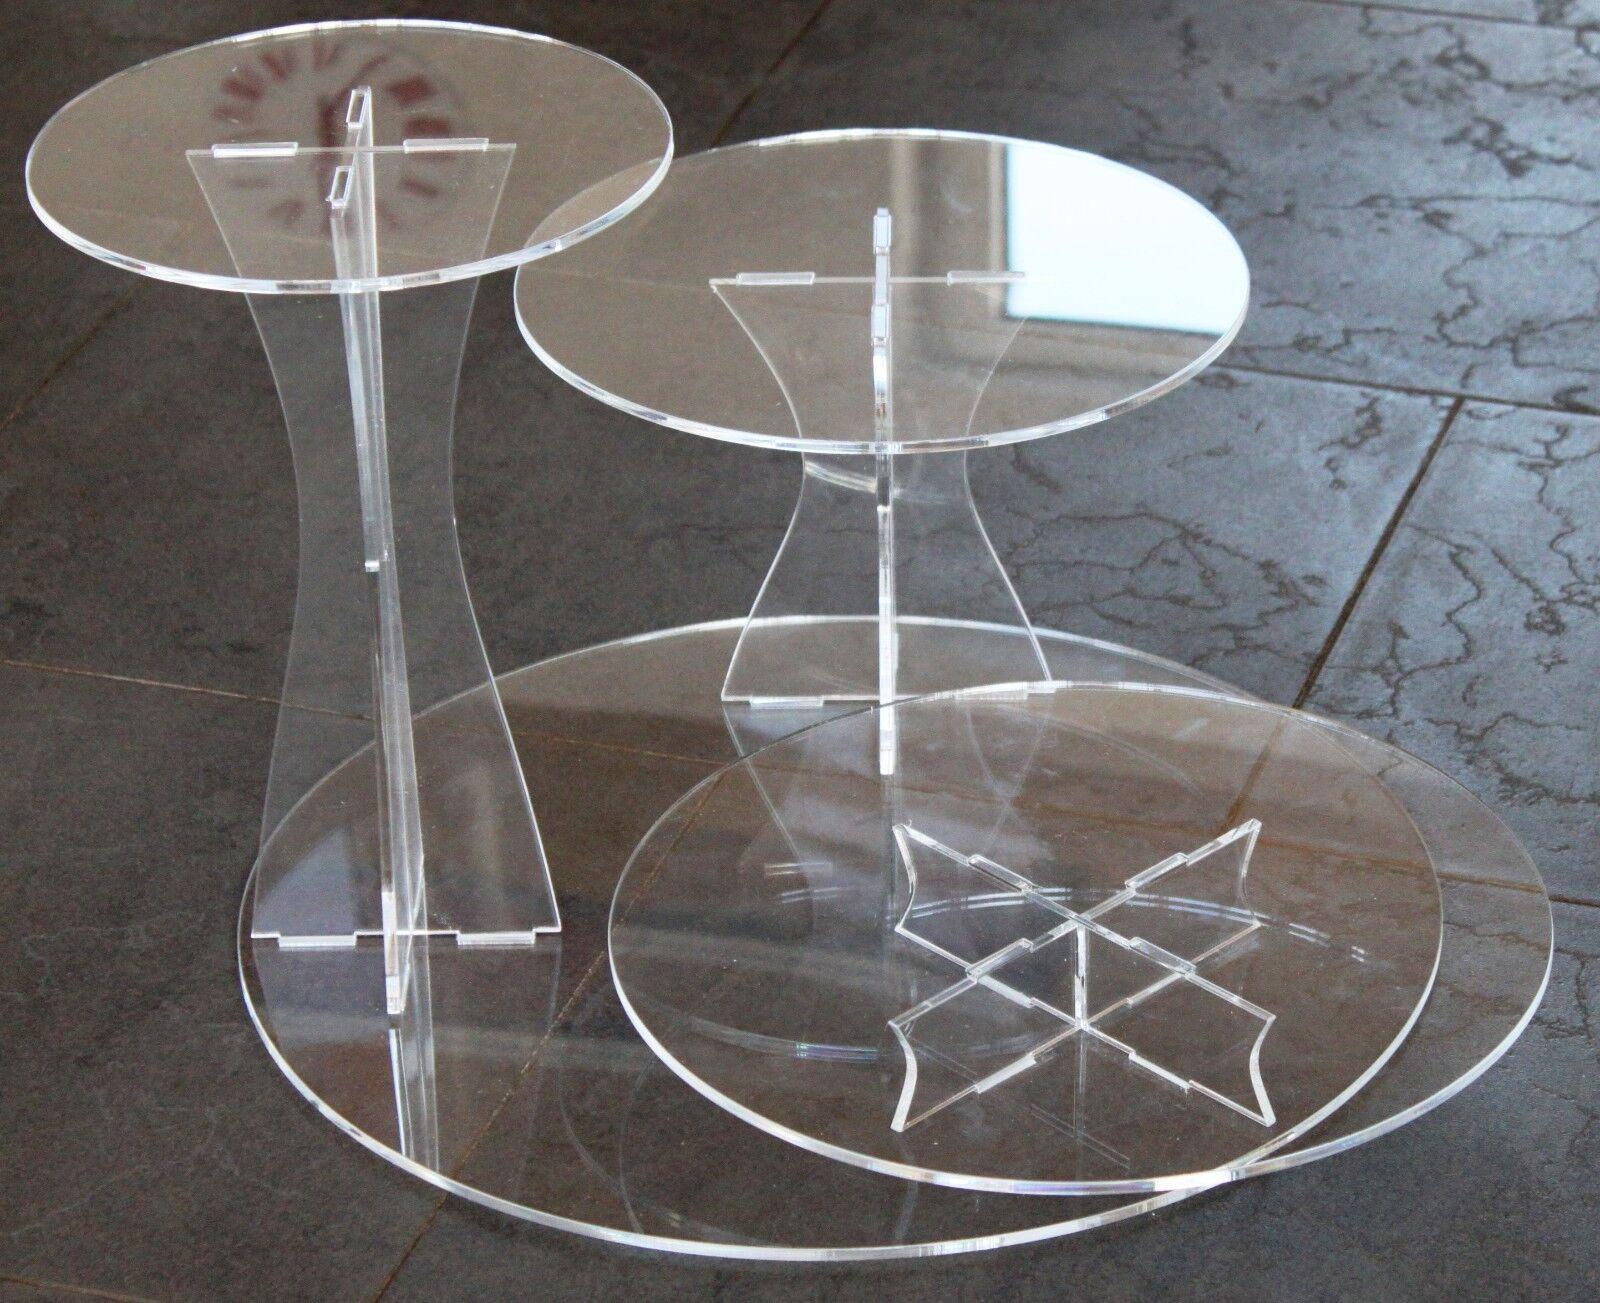 À secteurs support acrylique etagere mariage 3 étages plexiglas noble & stable